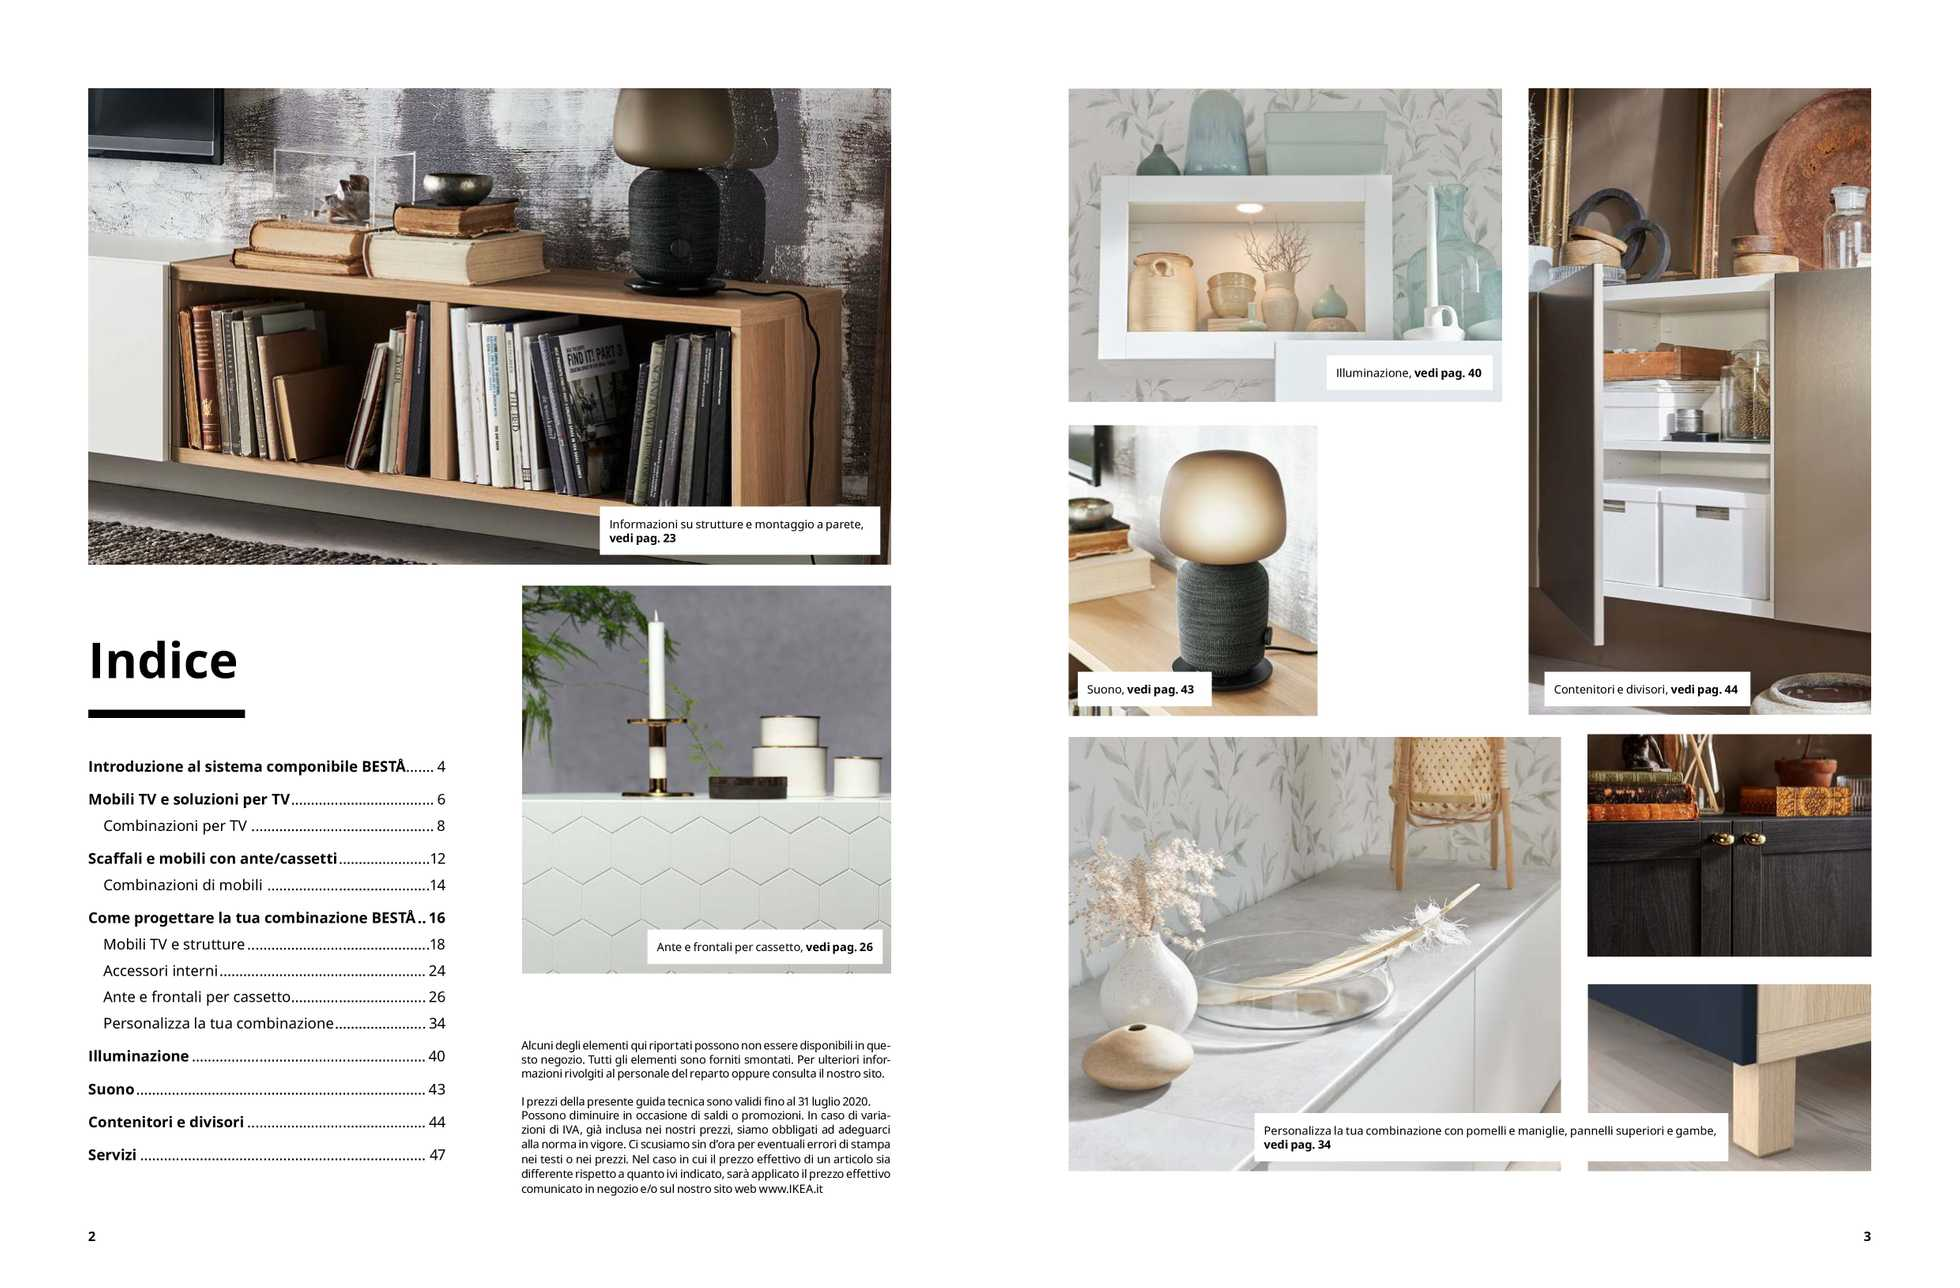 IKEA - offerte valide dal 01.02.2020 al 31.07.2020 - pagina 2.